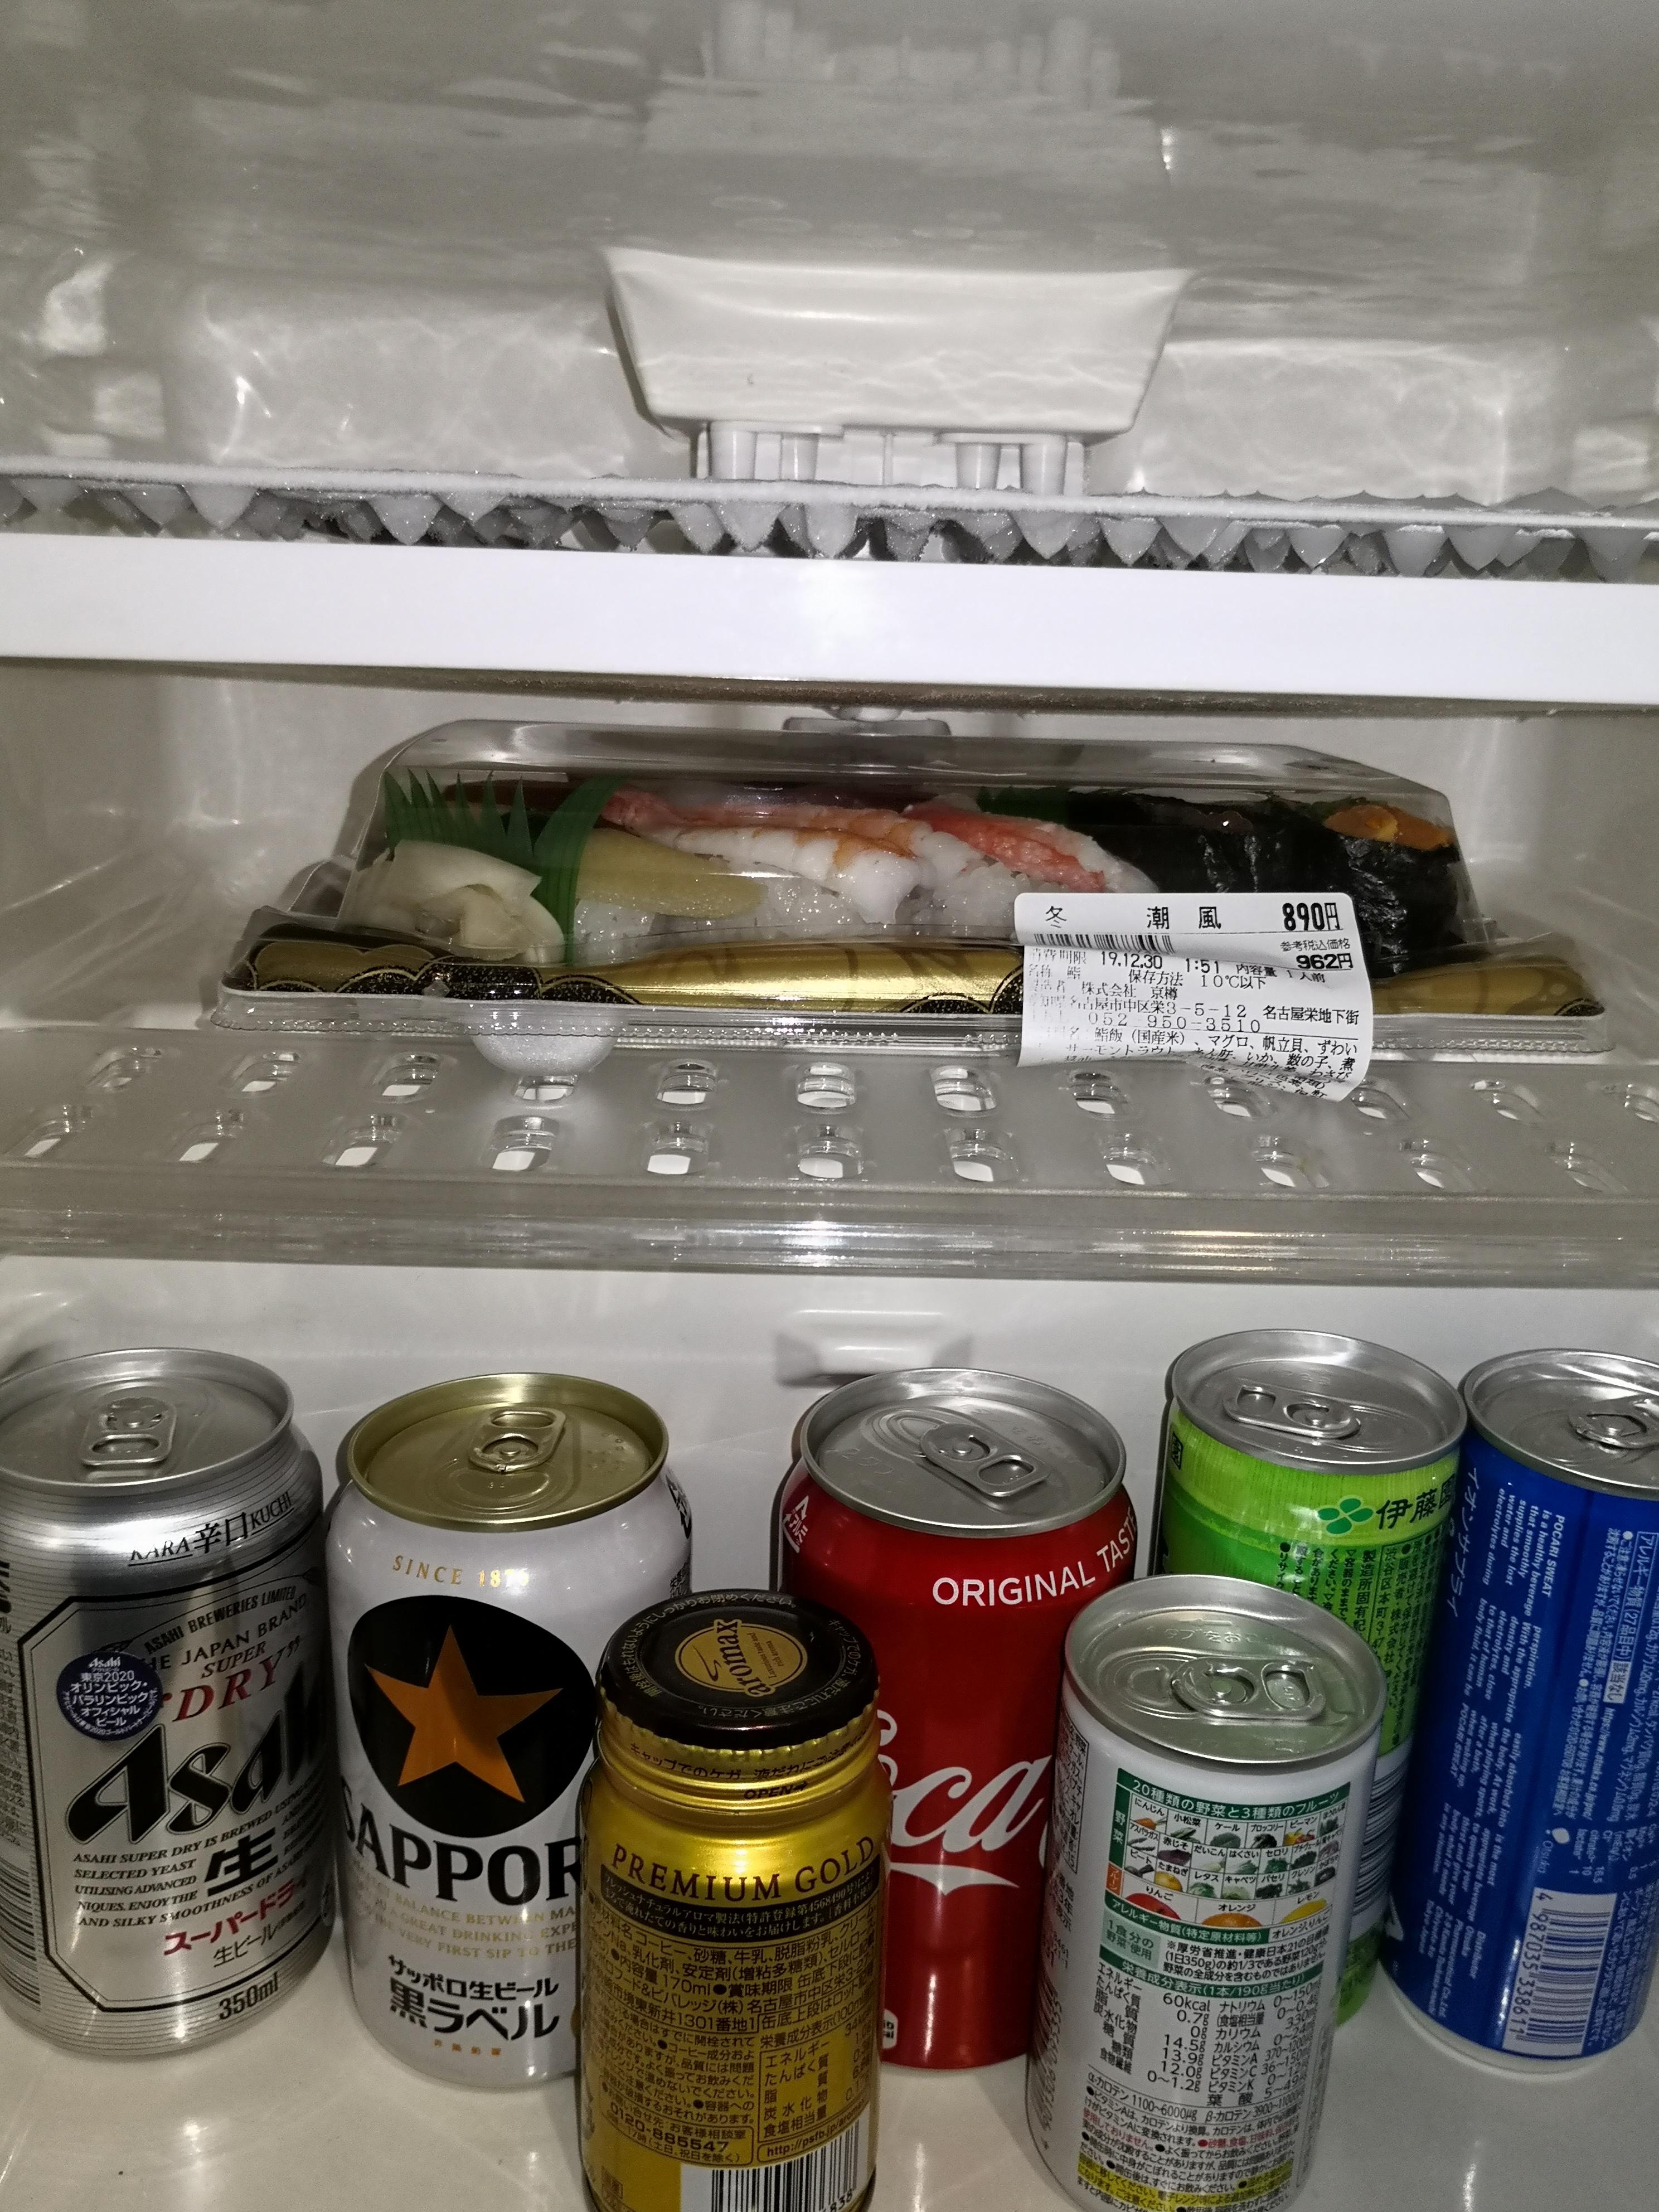 冷蔵庫にパック寿司を入れたところ